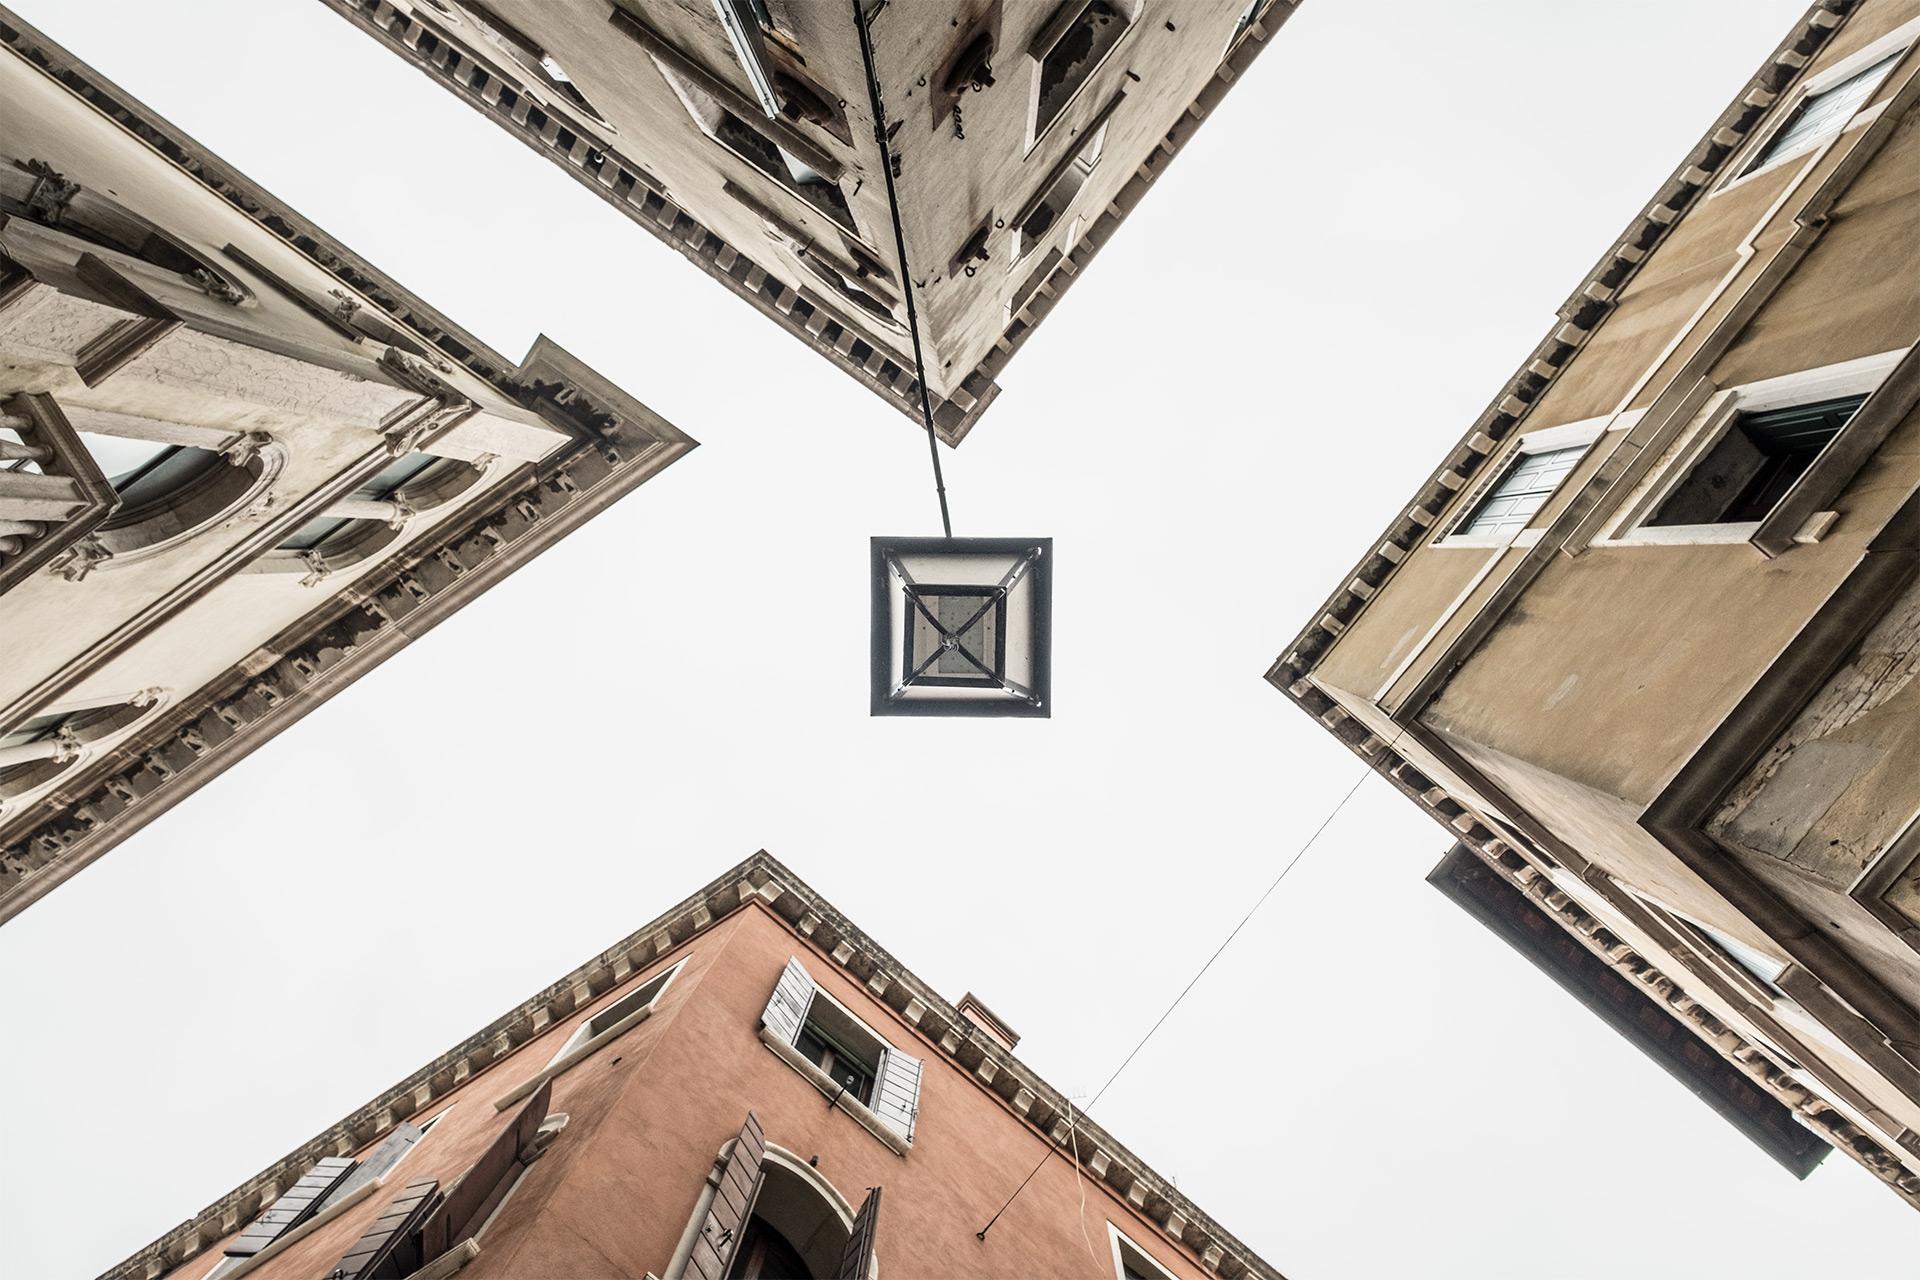 Composition 101 / Show the Original, Photography, Fujinon XF 16-55mm f/2.8, Fujifilm X-T2, Black & White, Architectural Photography [composition 101 o]